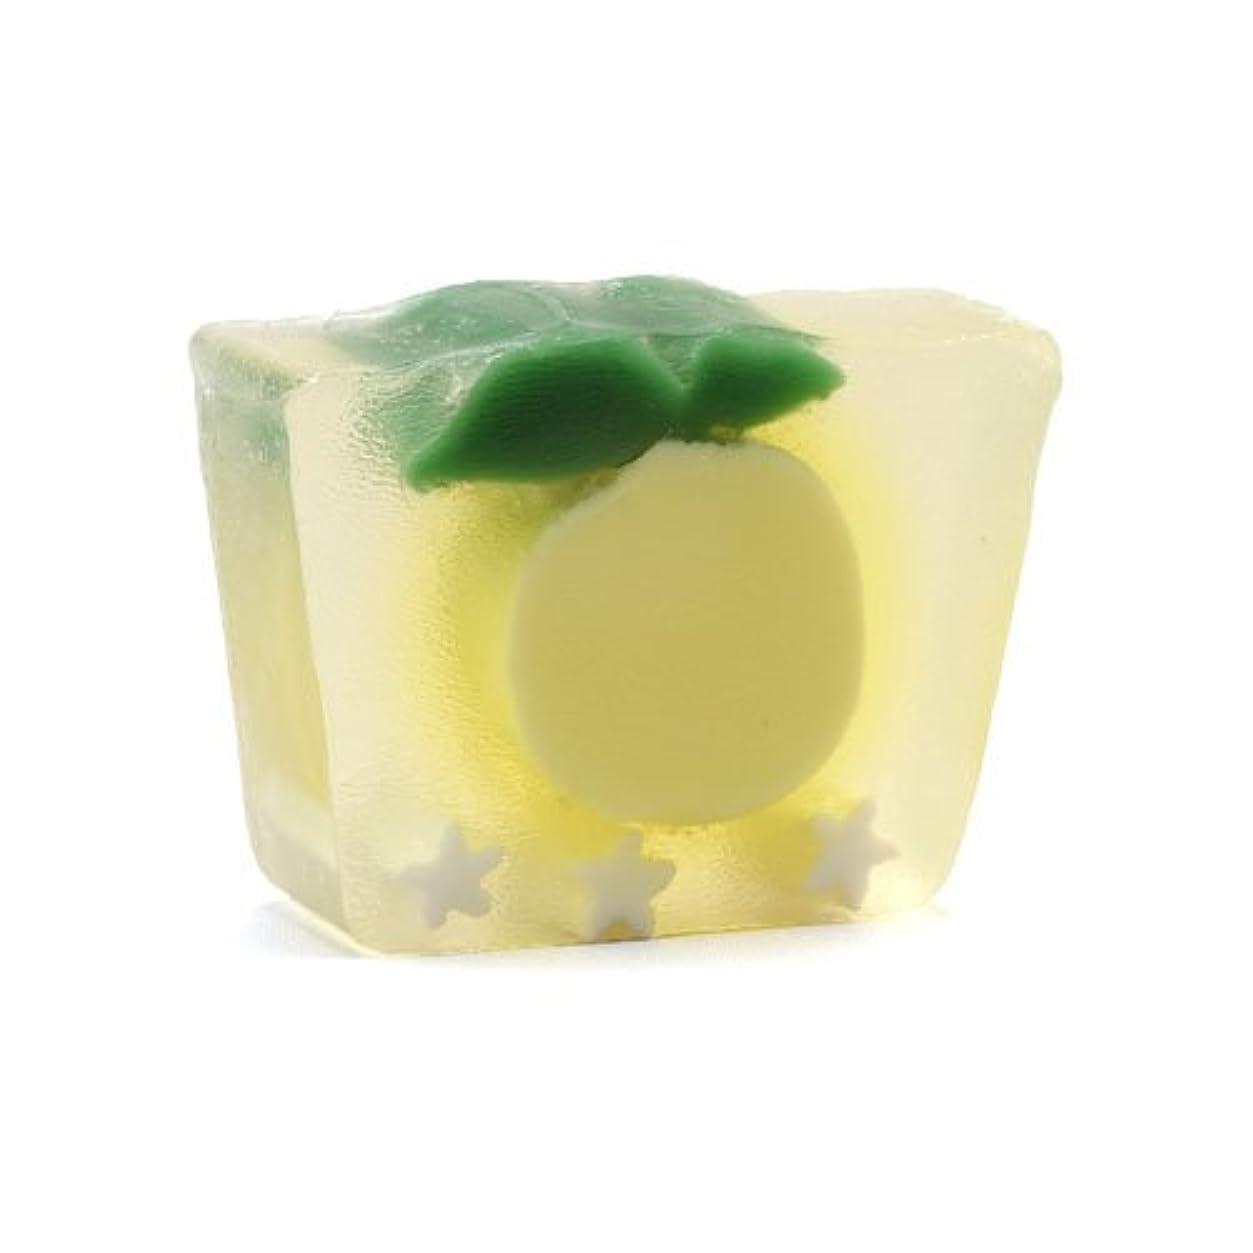 読者のヒープ奪うプライモールエレメンツ アロマティック ミニソープ カリフォルニアレモン 80g 植物性 ナチュラル 石鹸 無添加